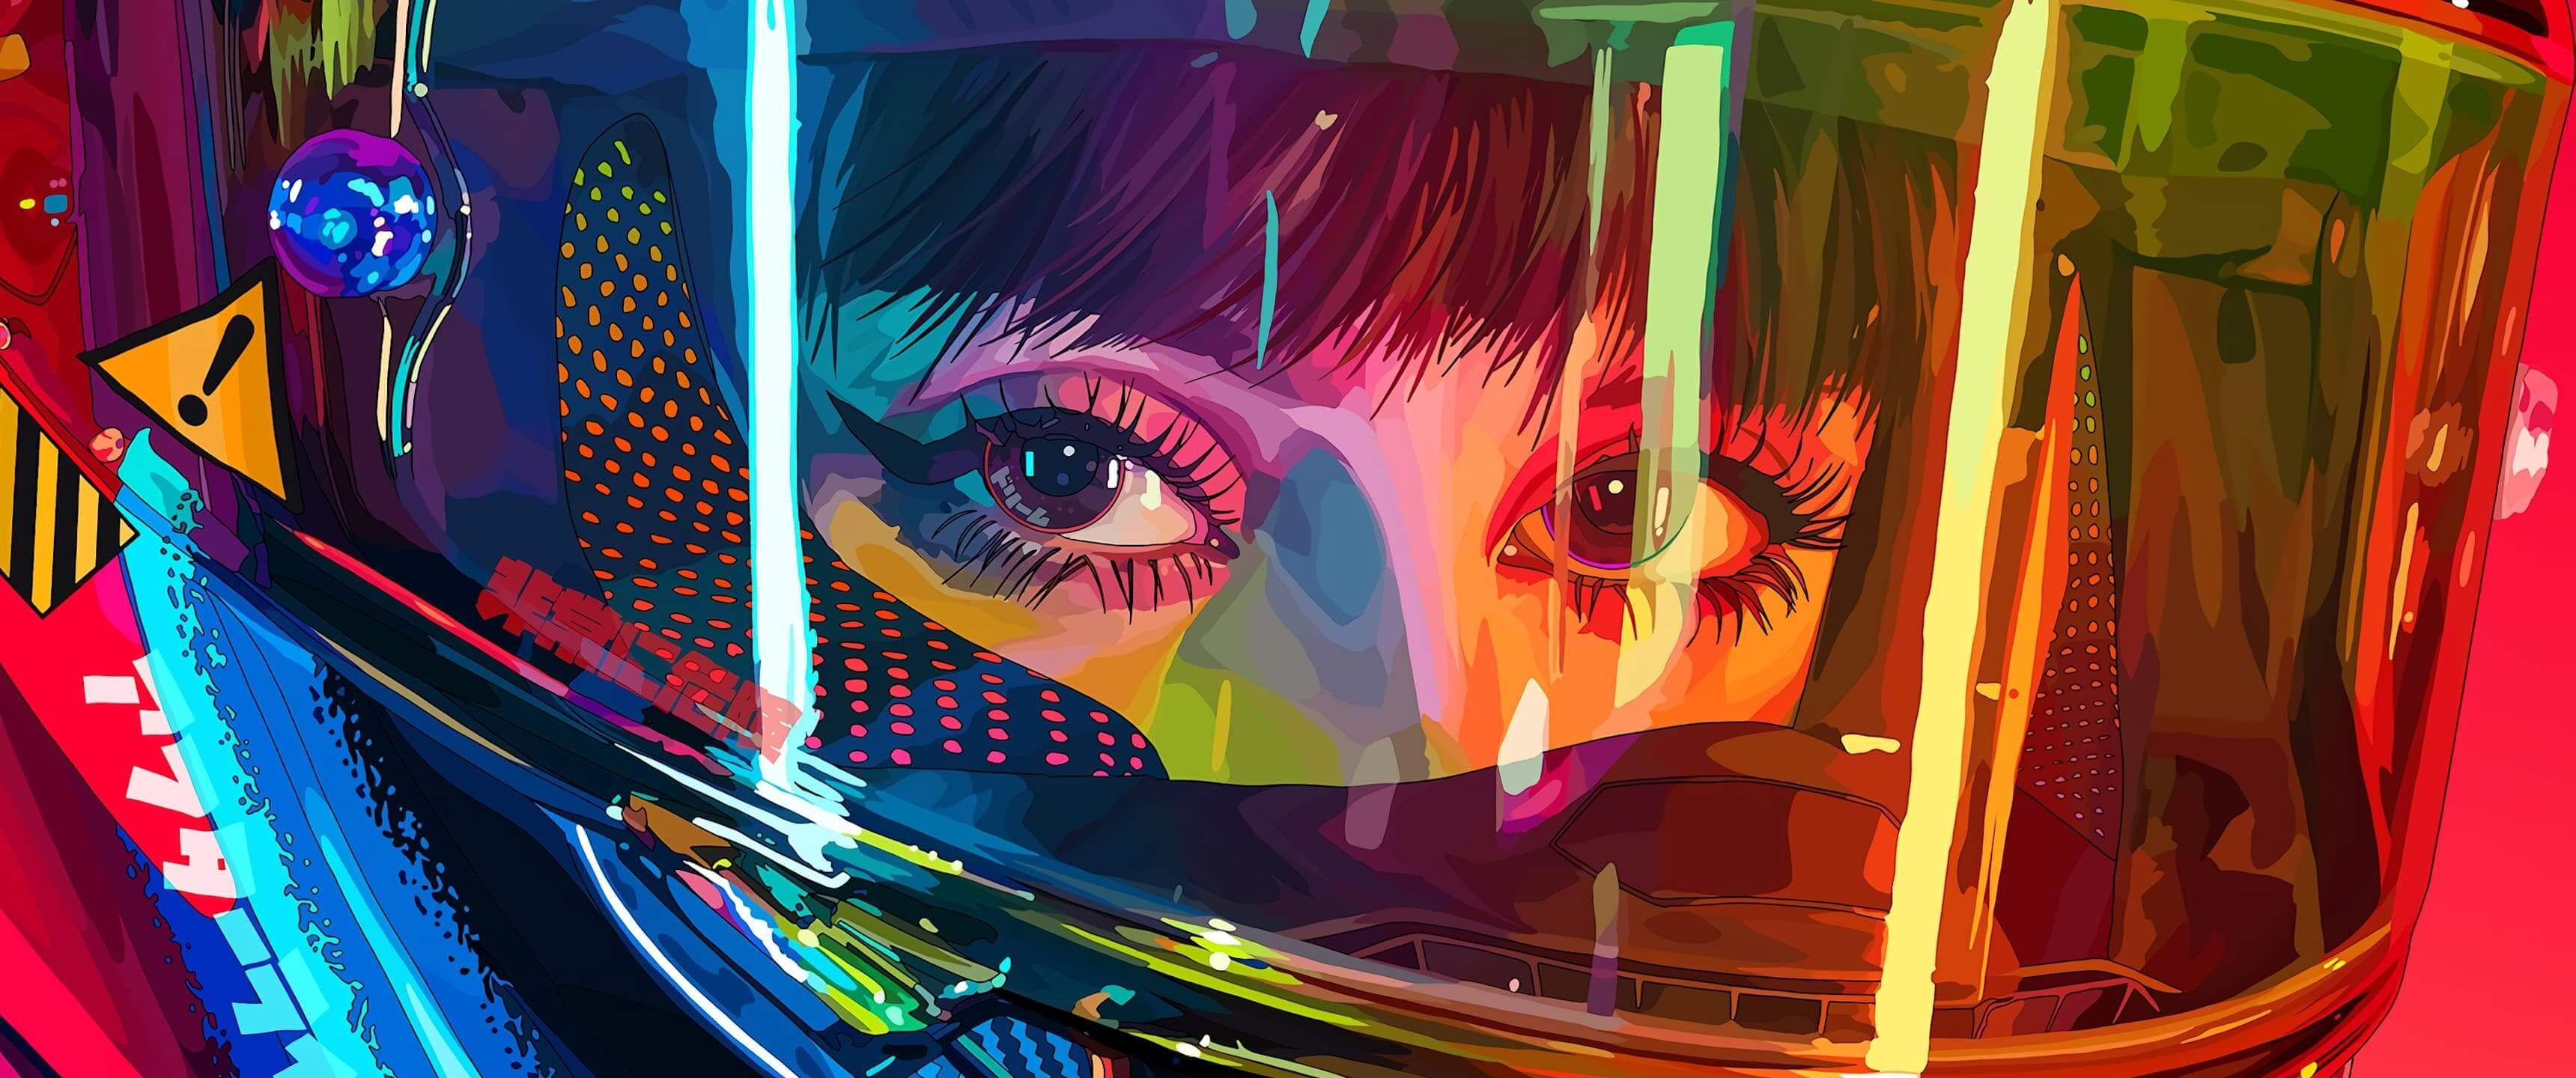 Ultrawide 21 9 Wallpaper Collection 3440 Updated Regularly Wallpaper Post In 2020 Cyberpunk Anime Cyberpunk 3840x2160 Wallpaper